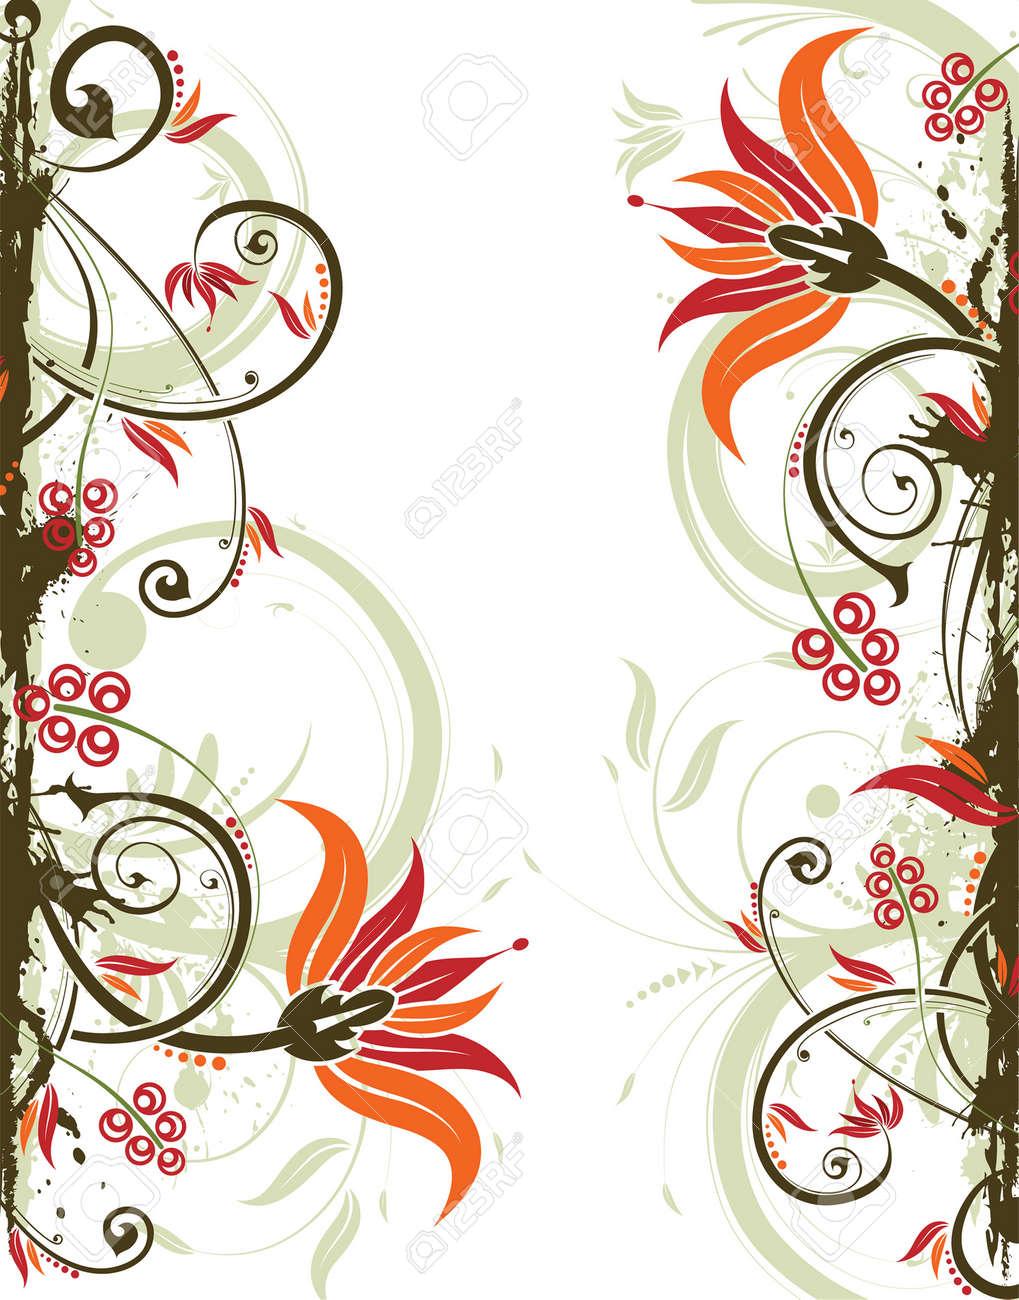 Grunge floral frame, element for design, vector illustration Stock Vector - 3447520